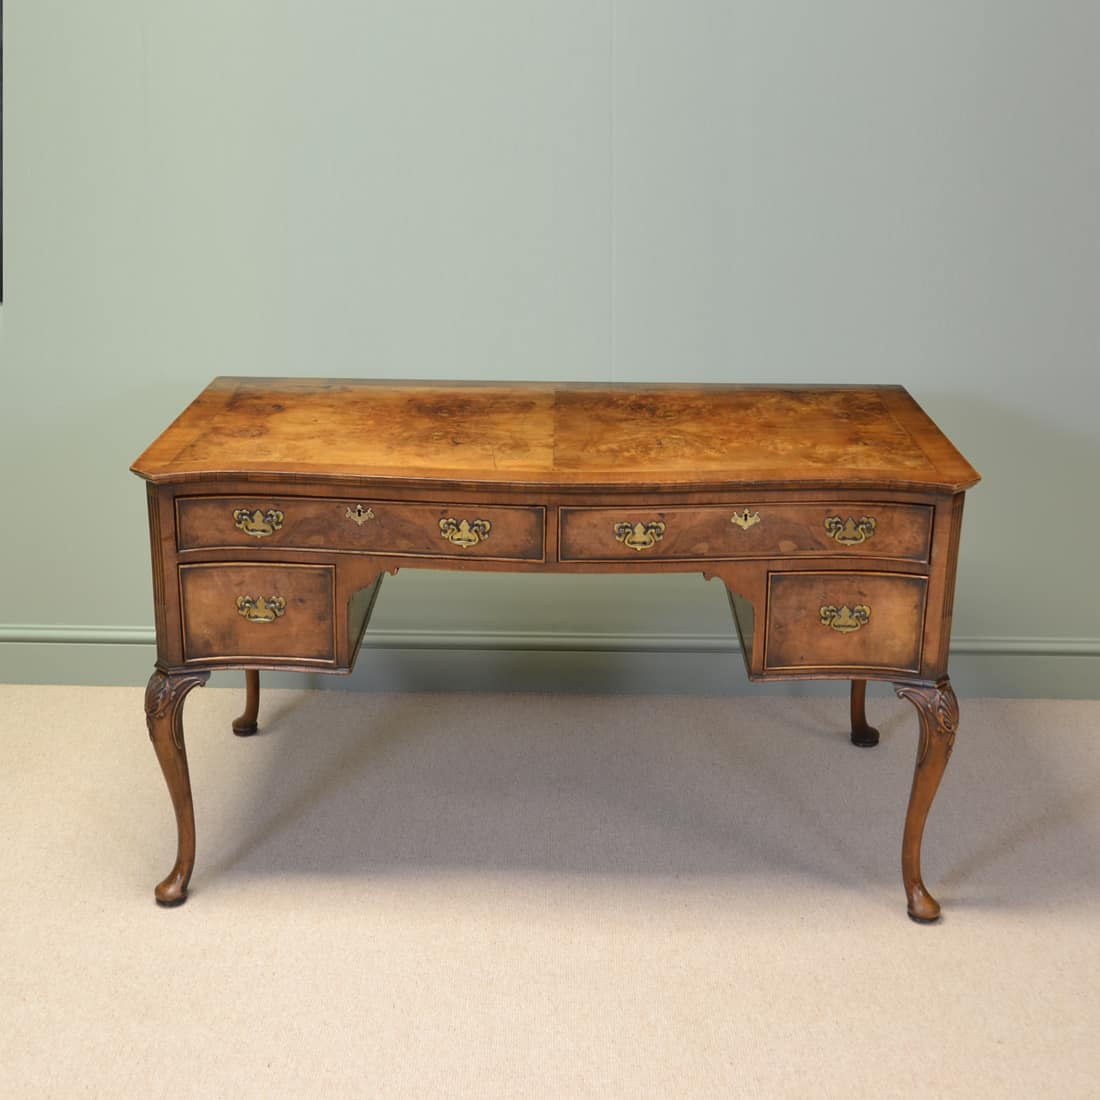 Large Figured Walnut Antique Edwardian Writing Desk